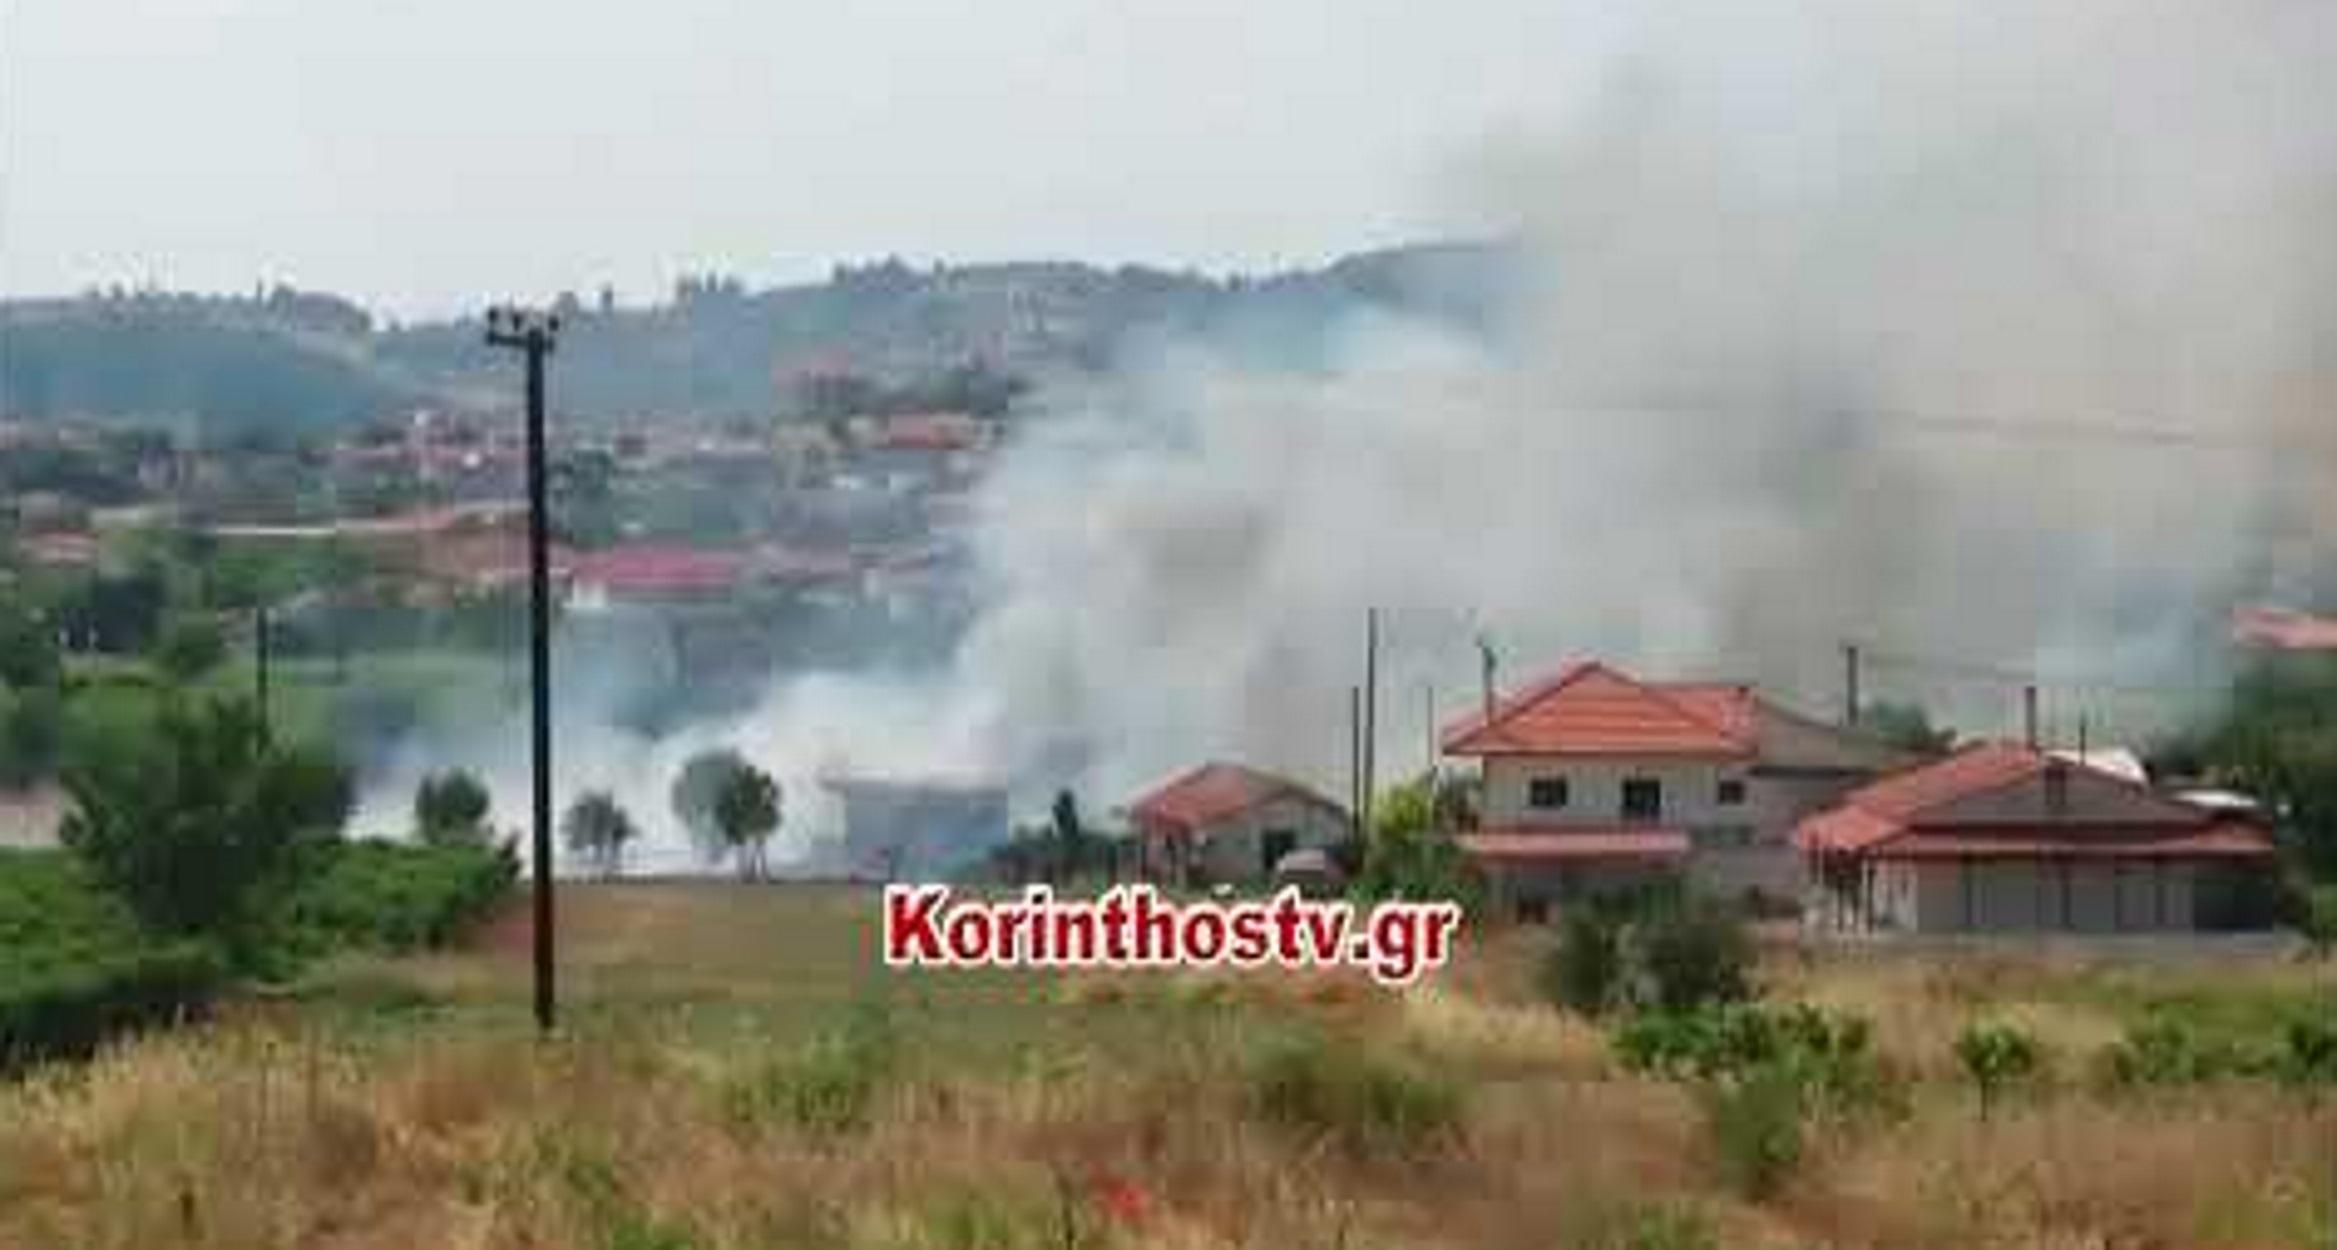 Κόρινθος: Φωτιά κοντά σε σπίτια στο Βασιλικό